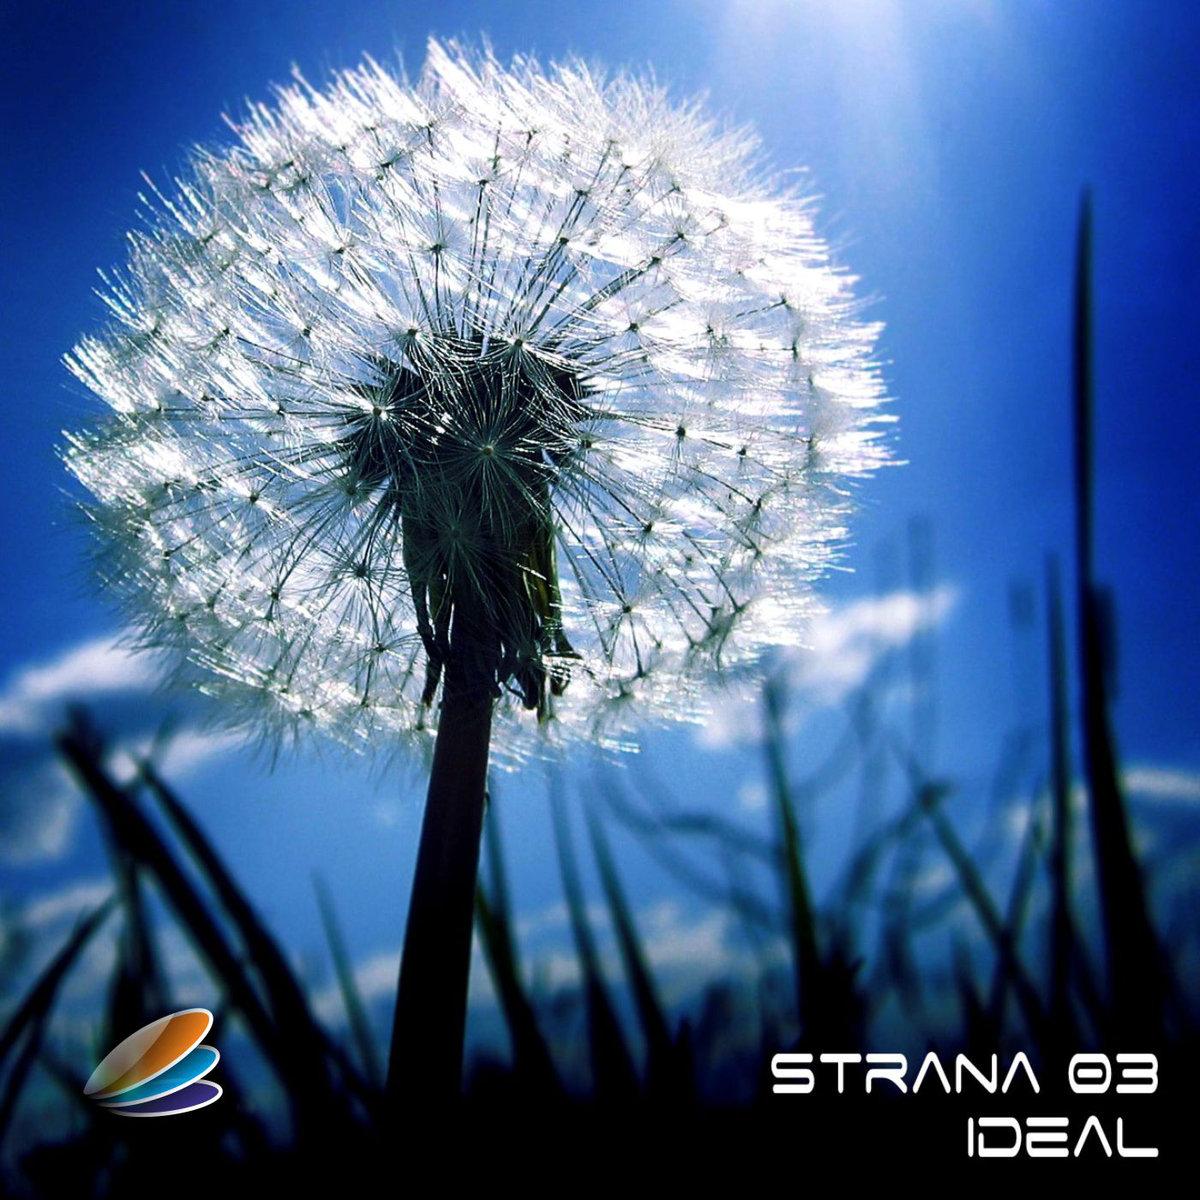 Strana 03 - Ideal